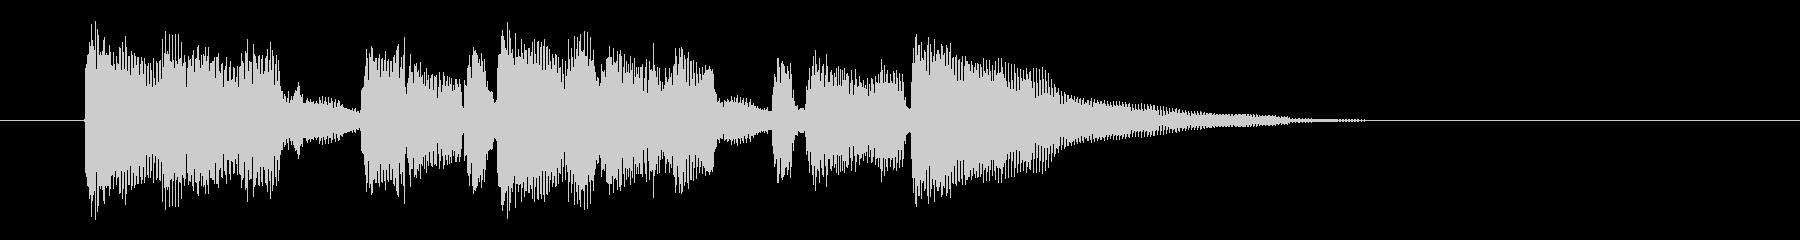 ブルージーでゆったりな雰囲気のジングル曲の未再生の波形